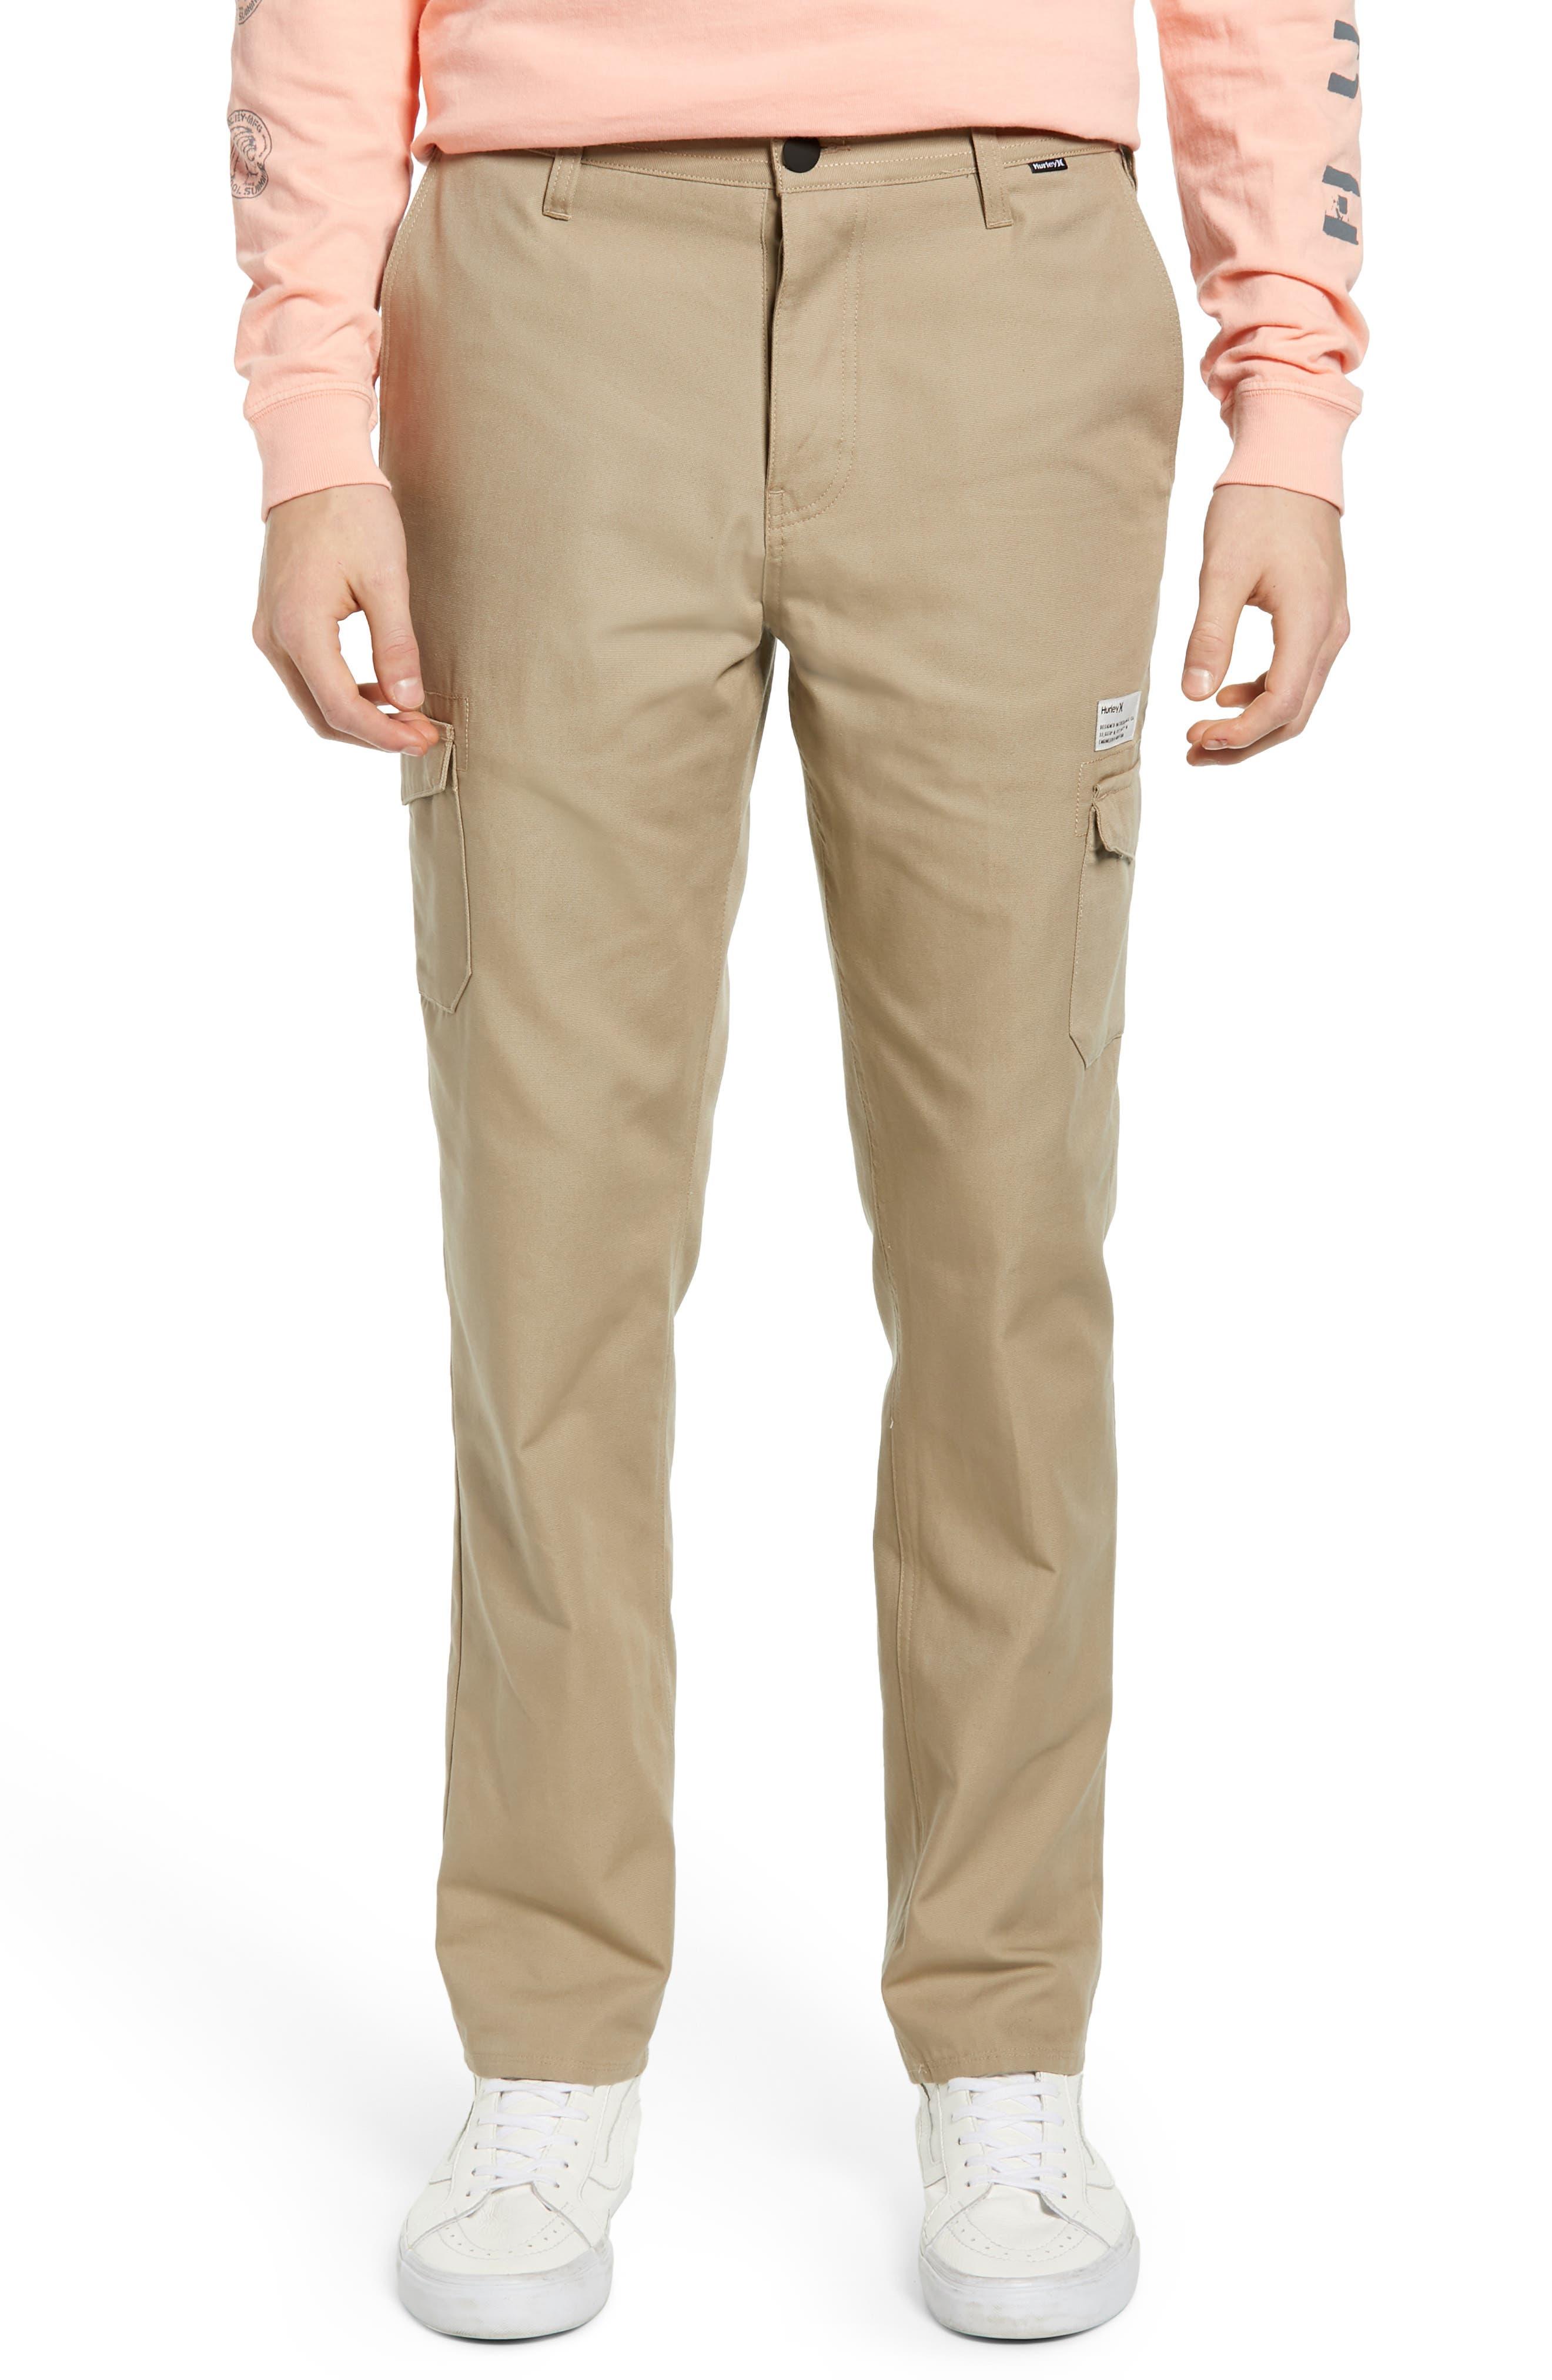 Hurley Troop Slim Fit Cargo Pants, Beige